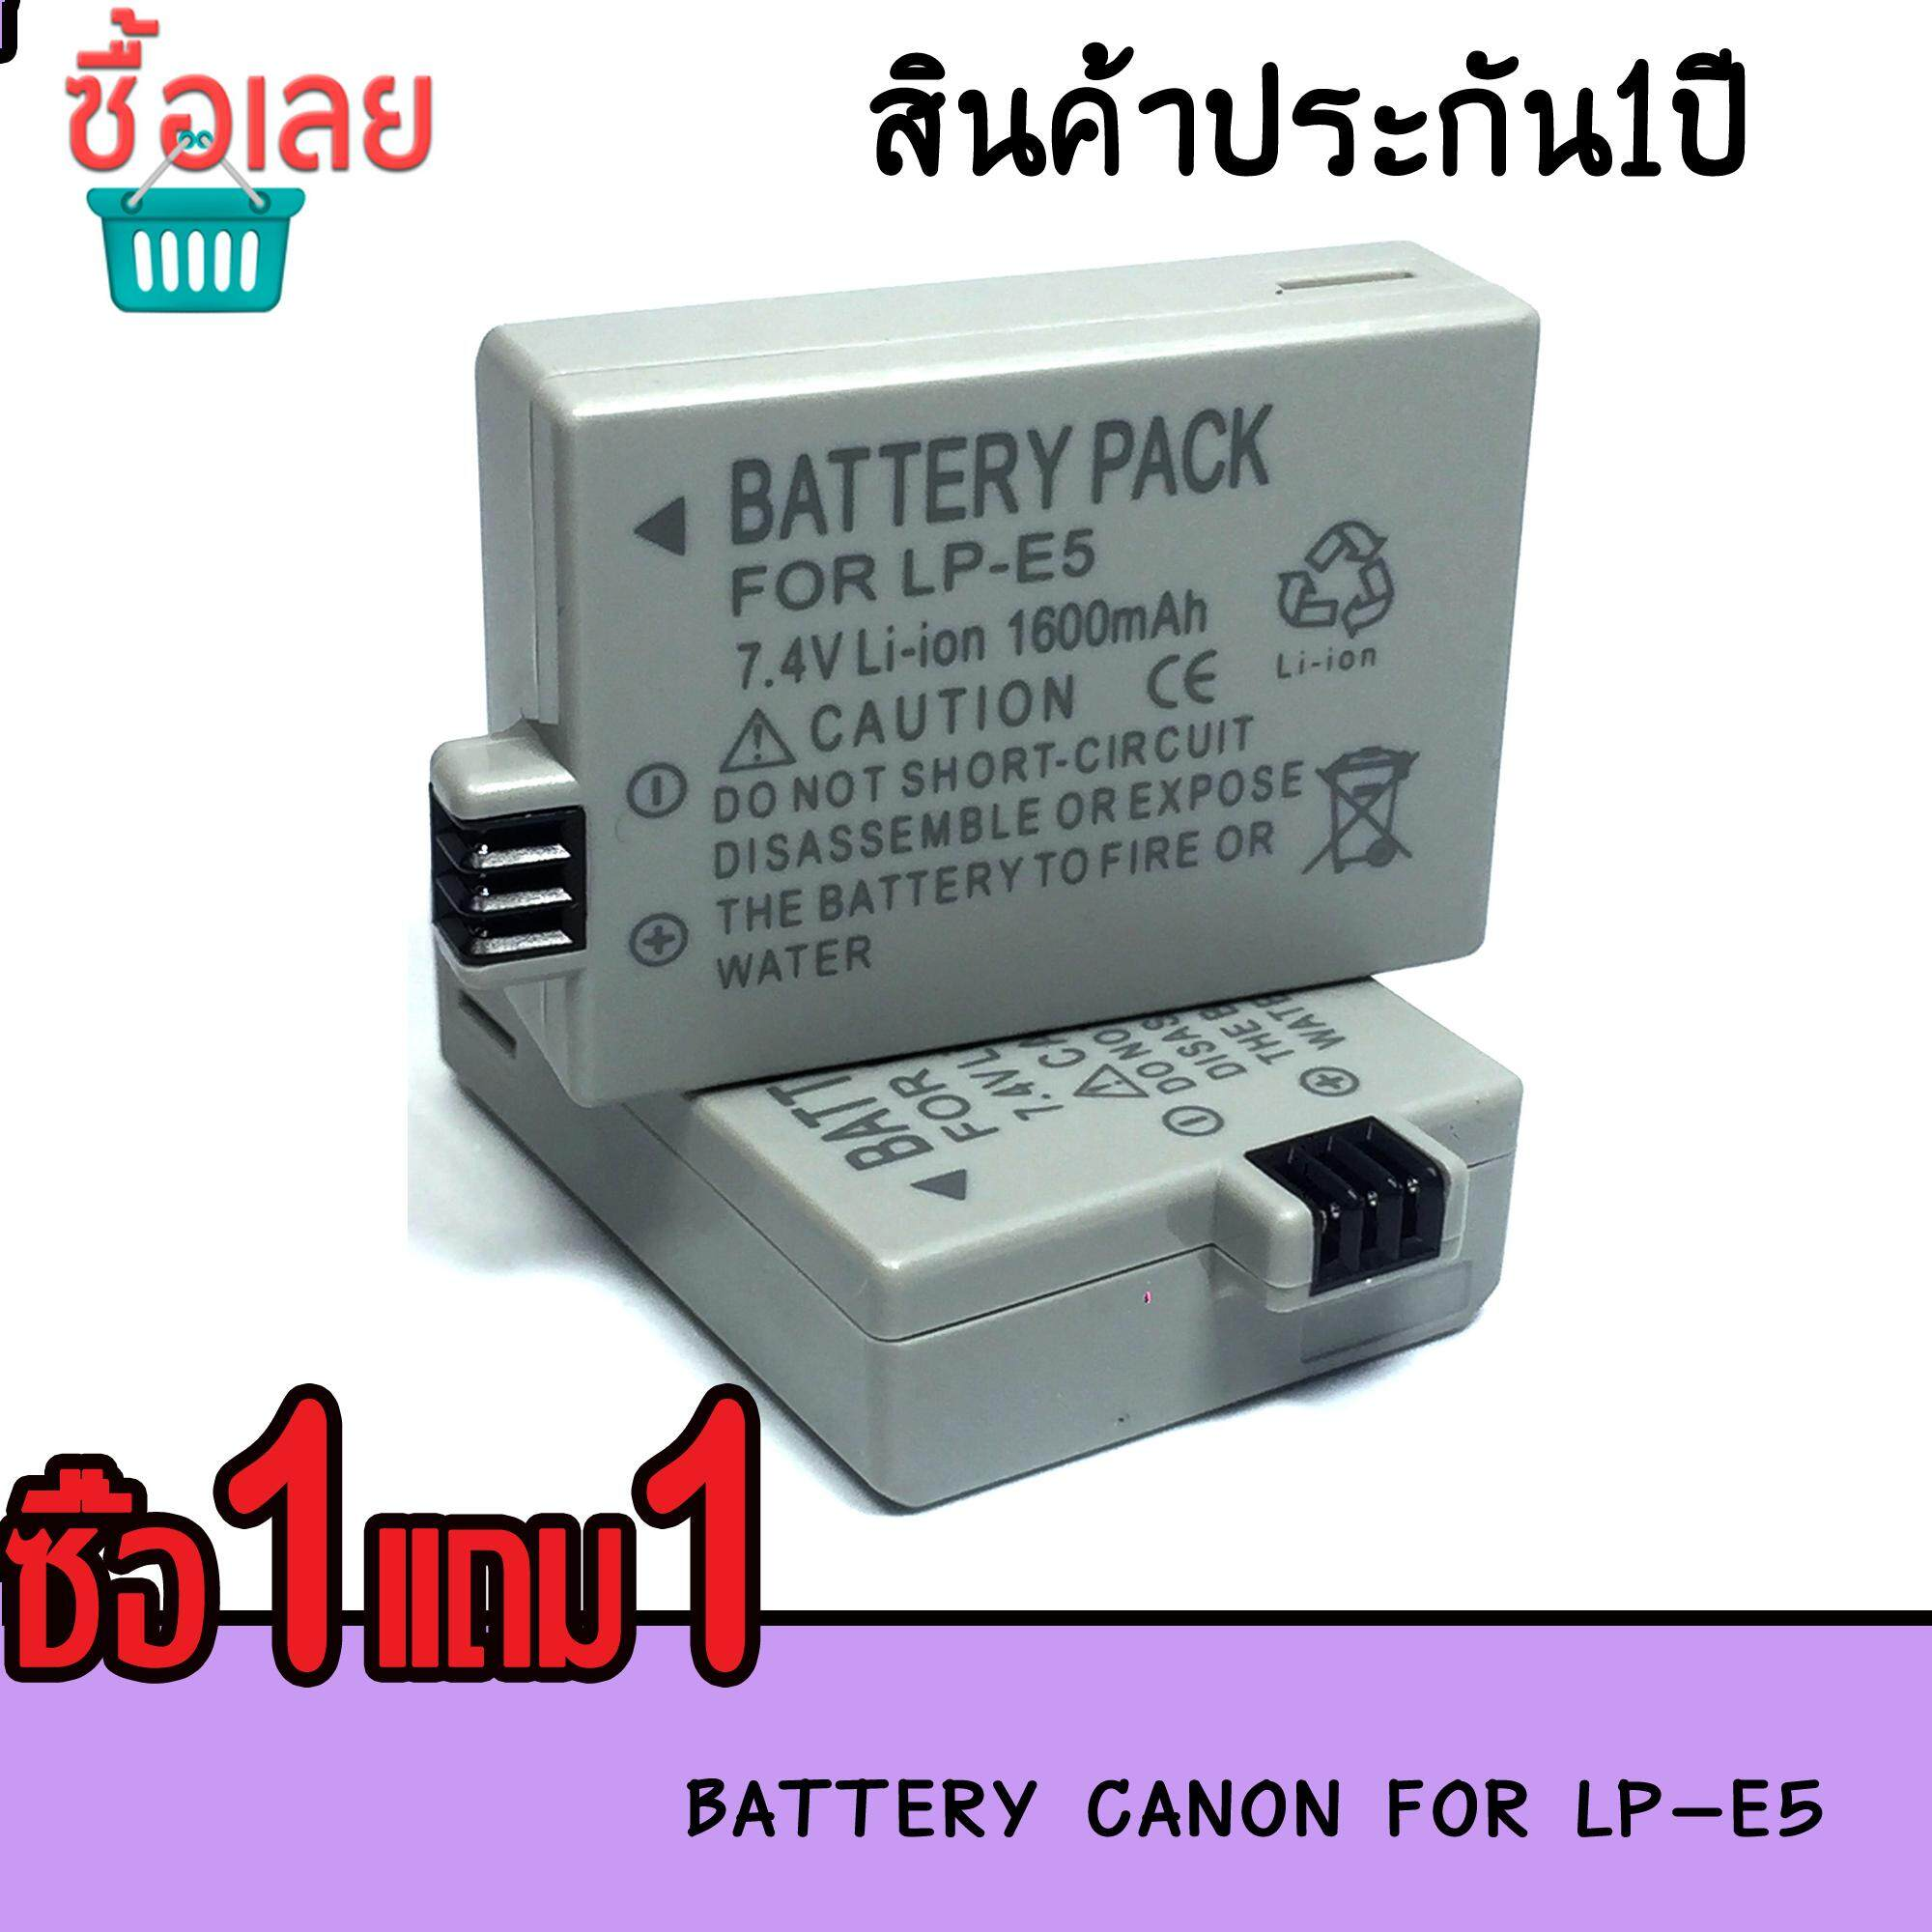 (แพ็คคู่2ชิ้น)แบตเตอรี่กล้อง รหัสแบต LP-E5,LPE5 1600mAh แบตกล้องแคนนอน Canon for canon Replacement Battery for Canon EOS Rebel XSi XS T1i 450D 500D 1000D Kiss F/X2/X3 (Gray)BY OK999 SHOP